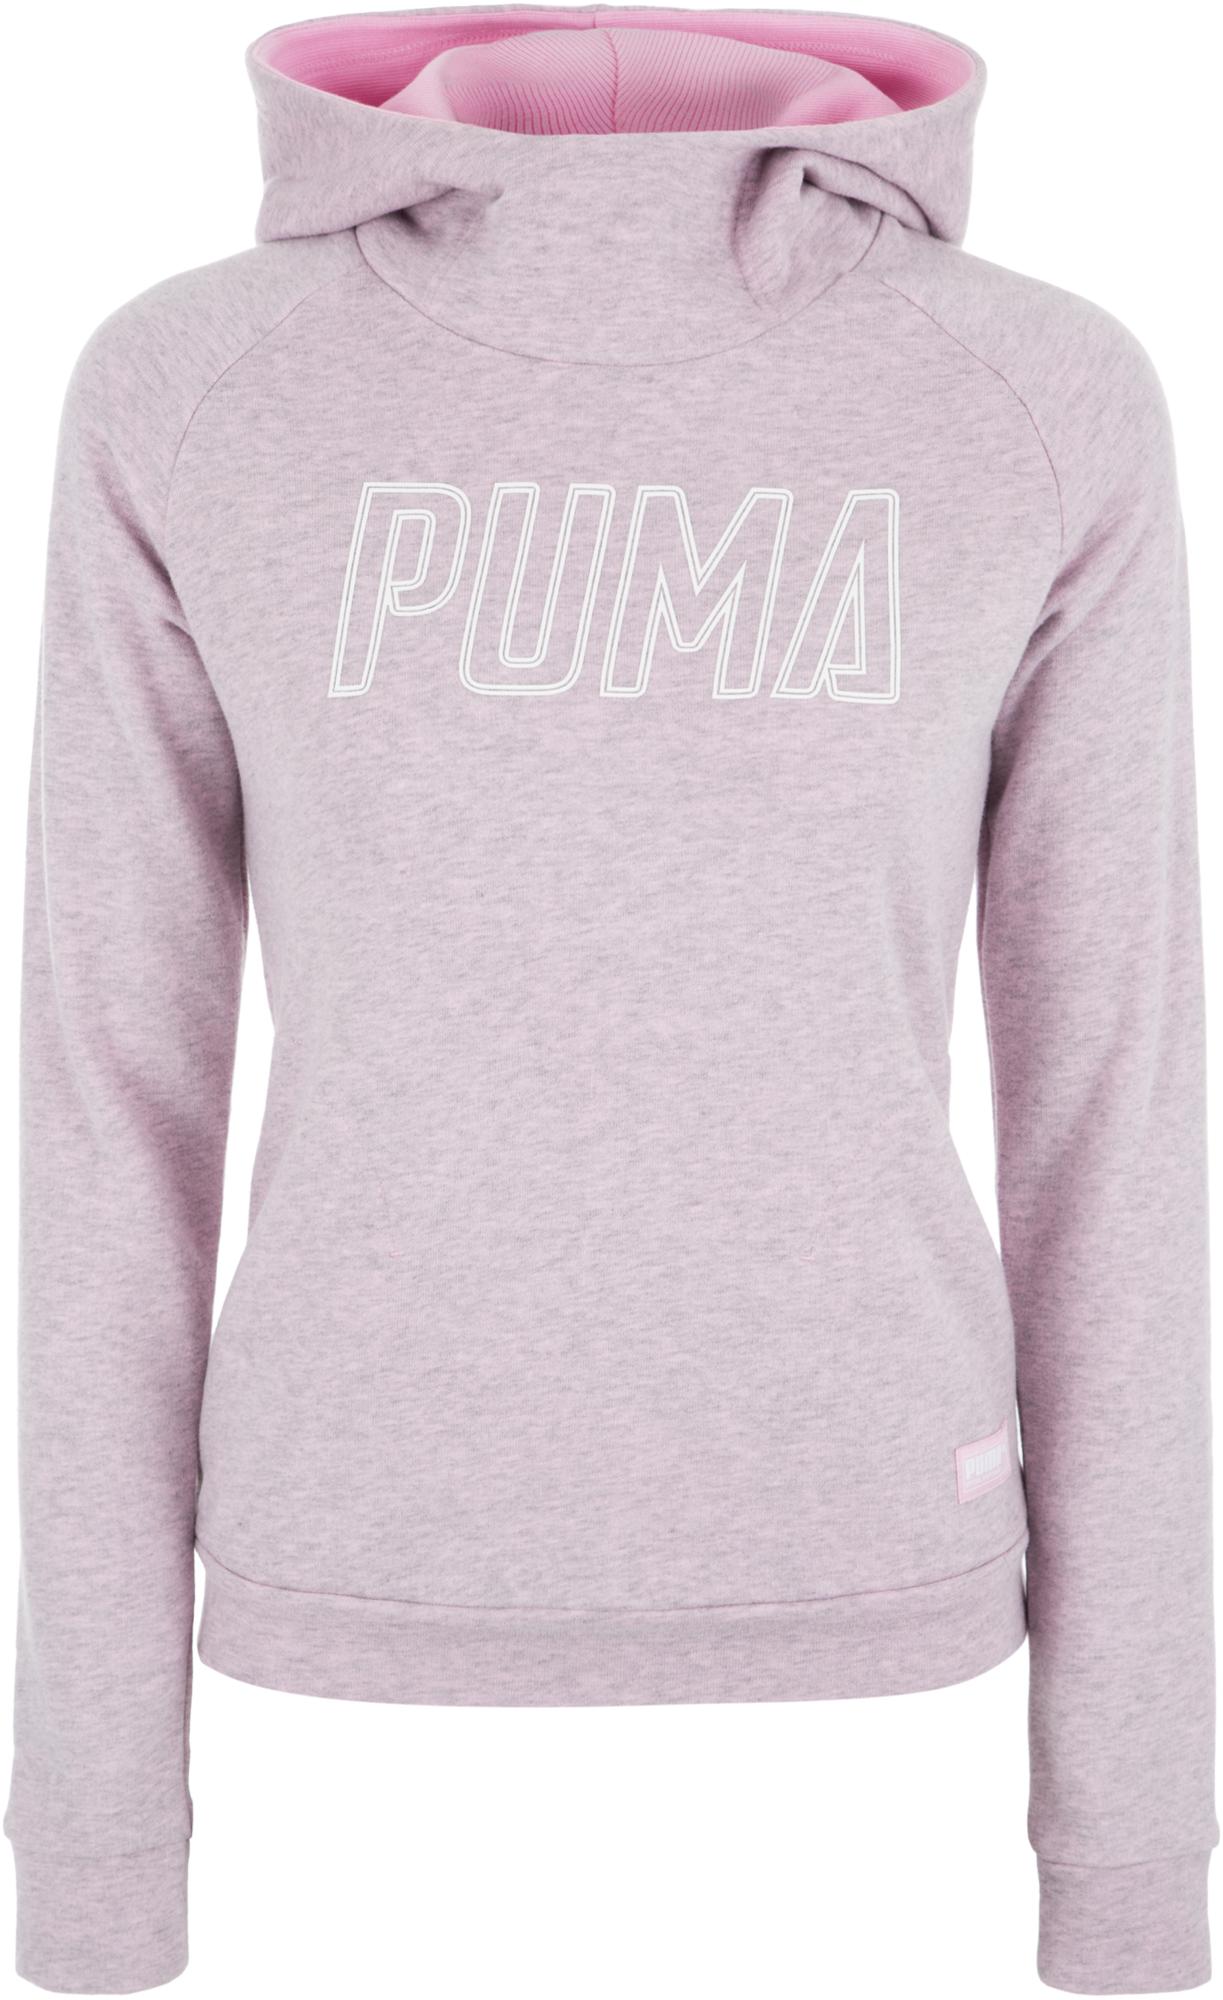 Puma Джемпер женский Puma Athletics, размер 46-48